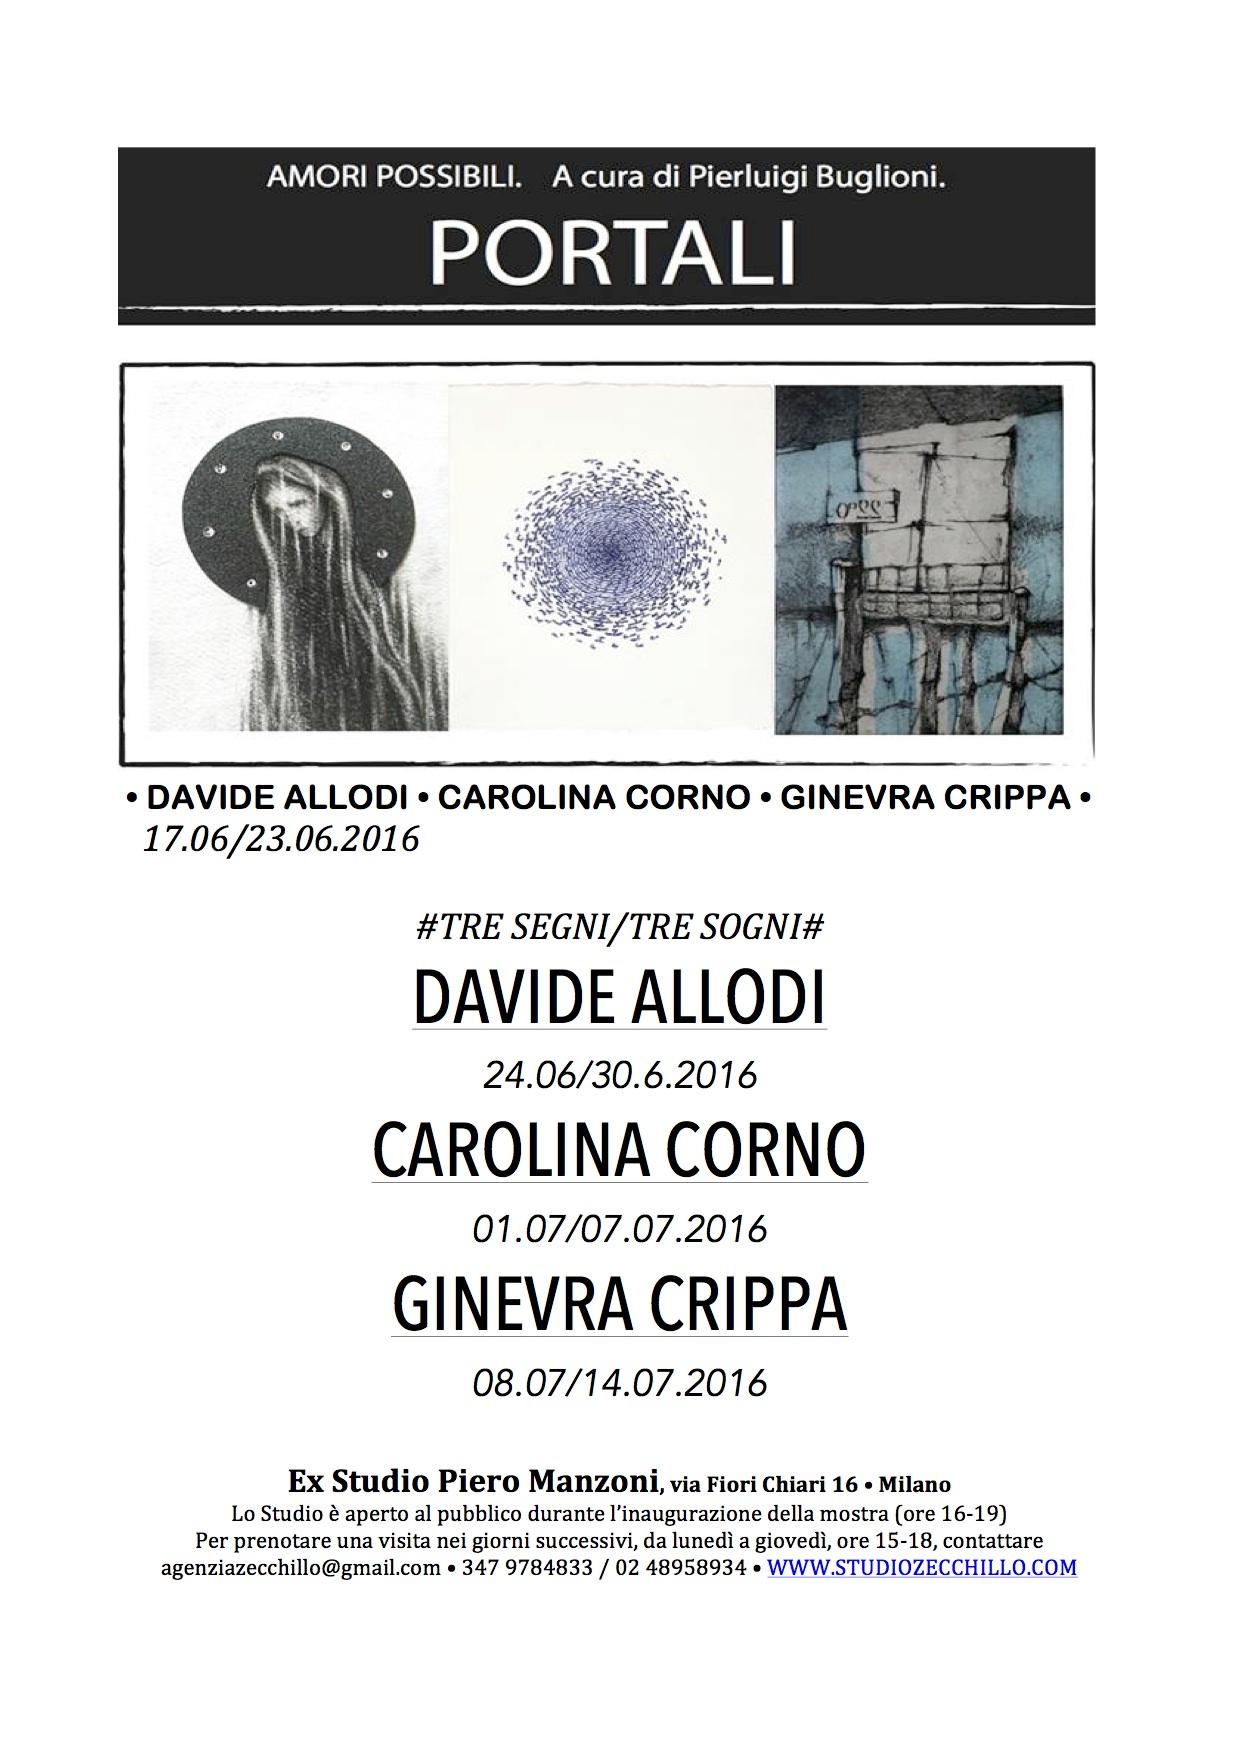 DAVIDE ALLODI • CAROLINA CORNO • GINEVRA CRIPPA